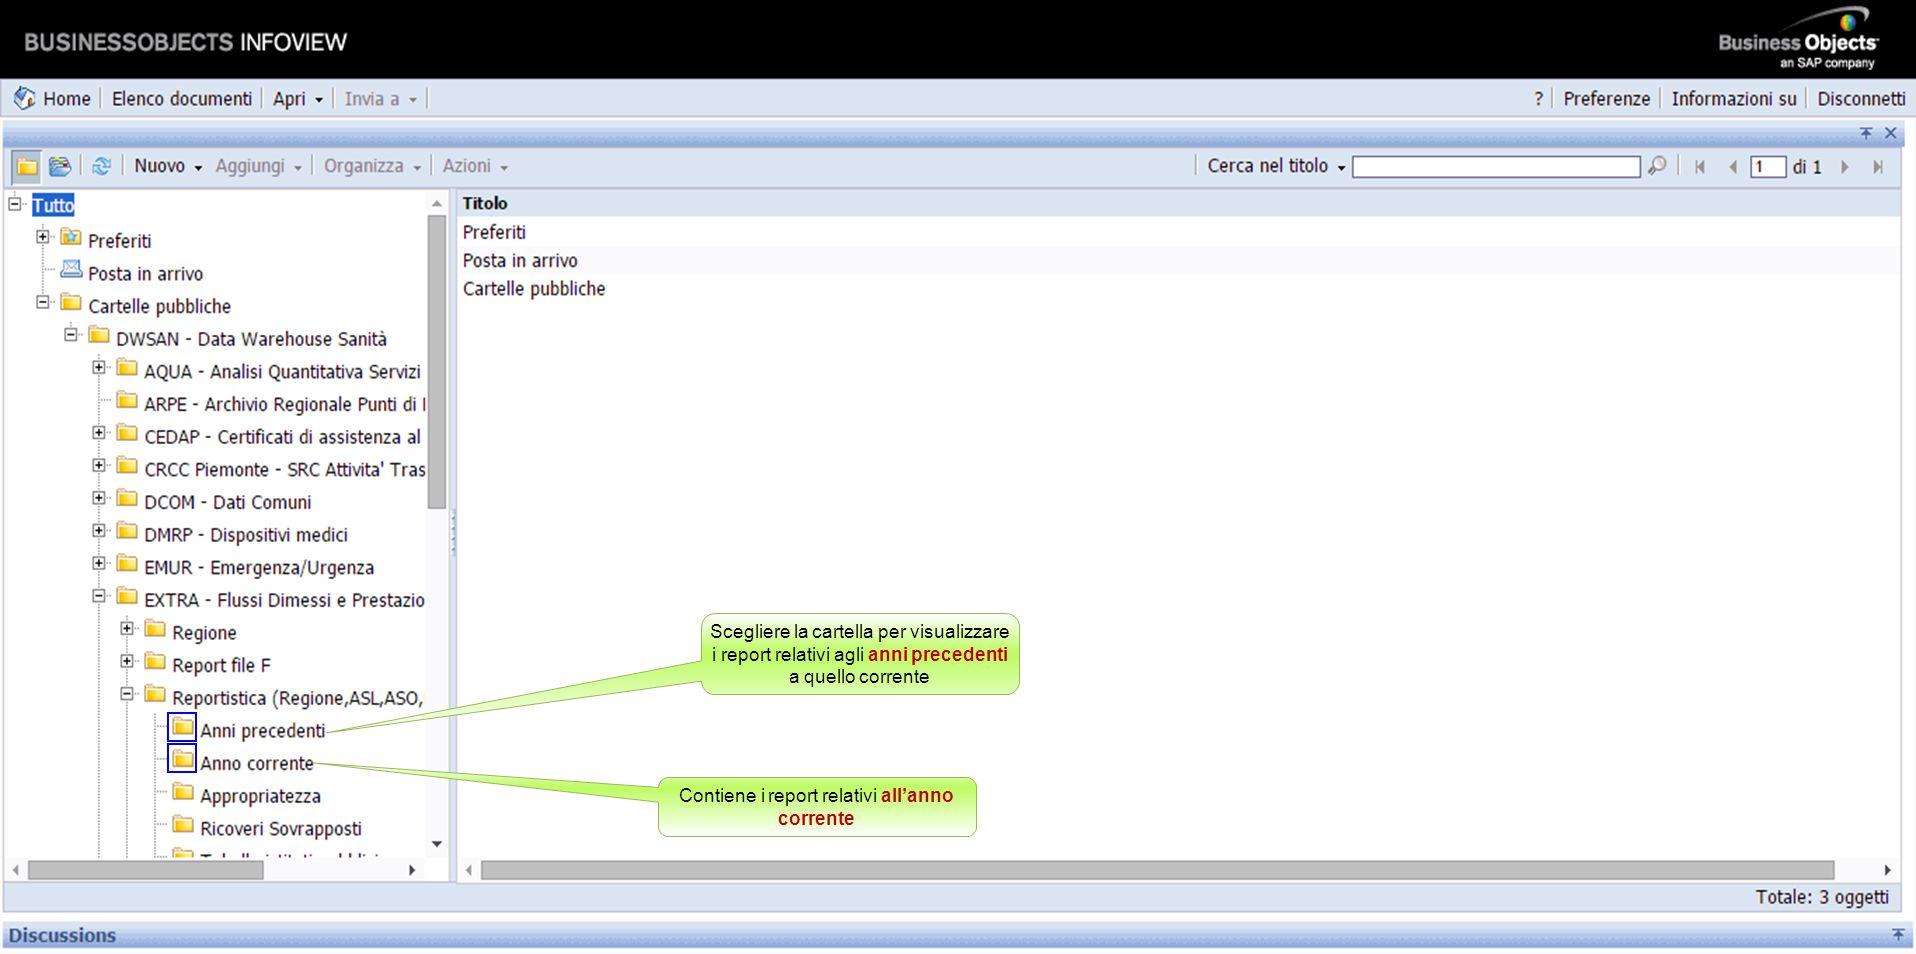 Espandere la cartella ''Reportistica (Regione,ASL,ASO,Presidi)'' per visualizzare i report di interesse